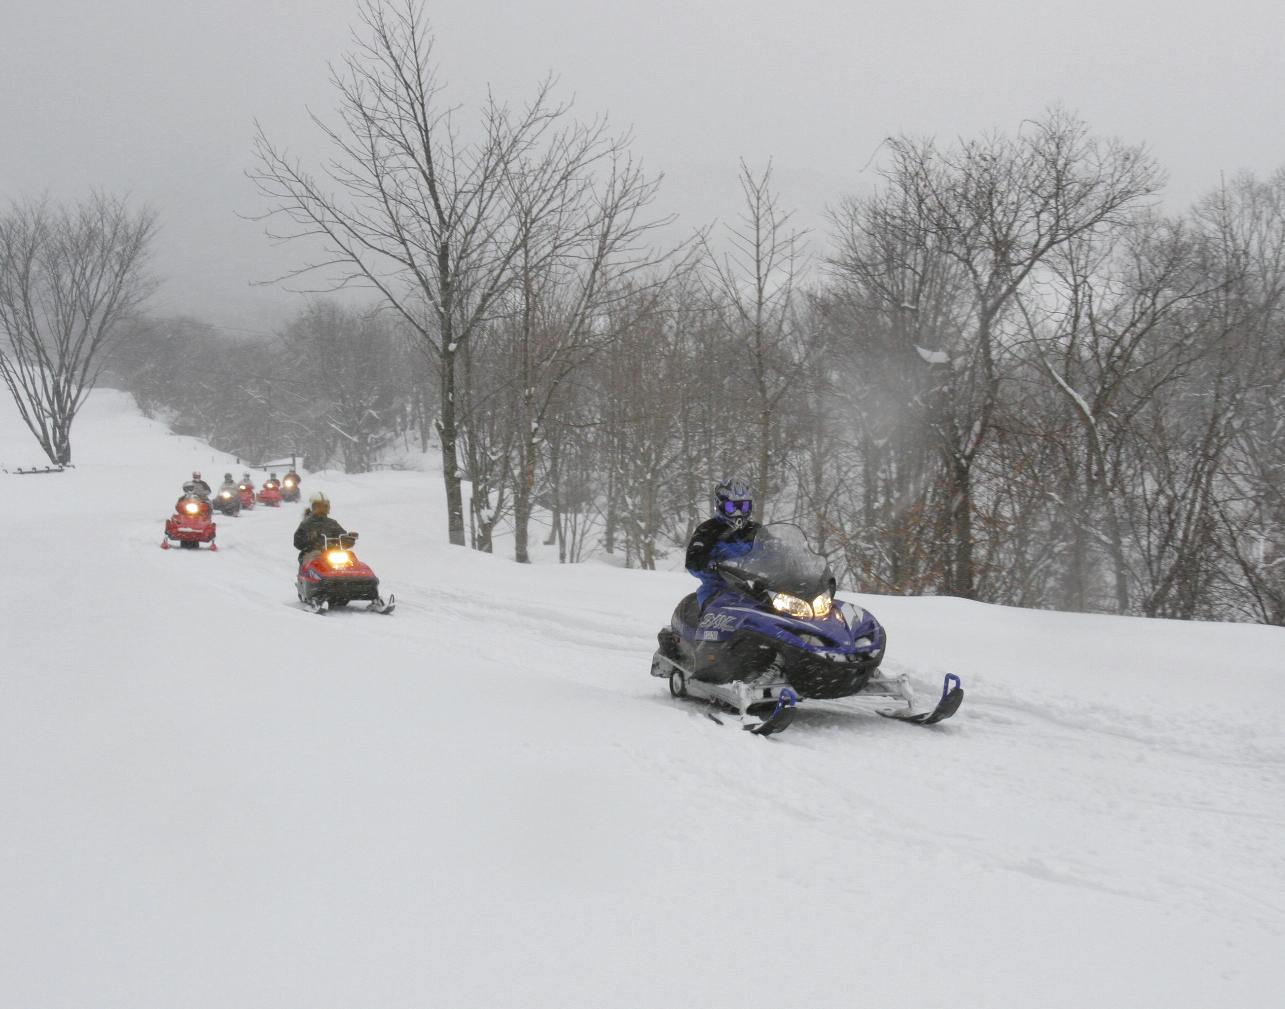 今しかできない体験!スノーモービルで西蔵王の雪原を駆けめぐってみませんか